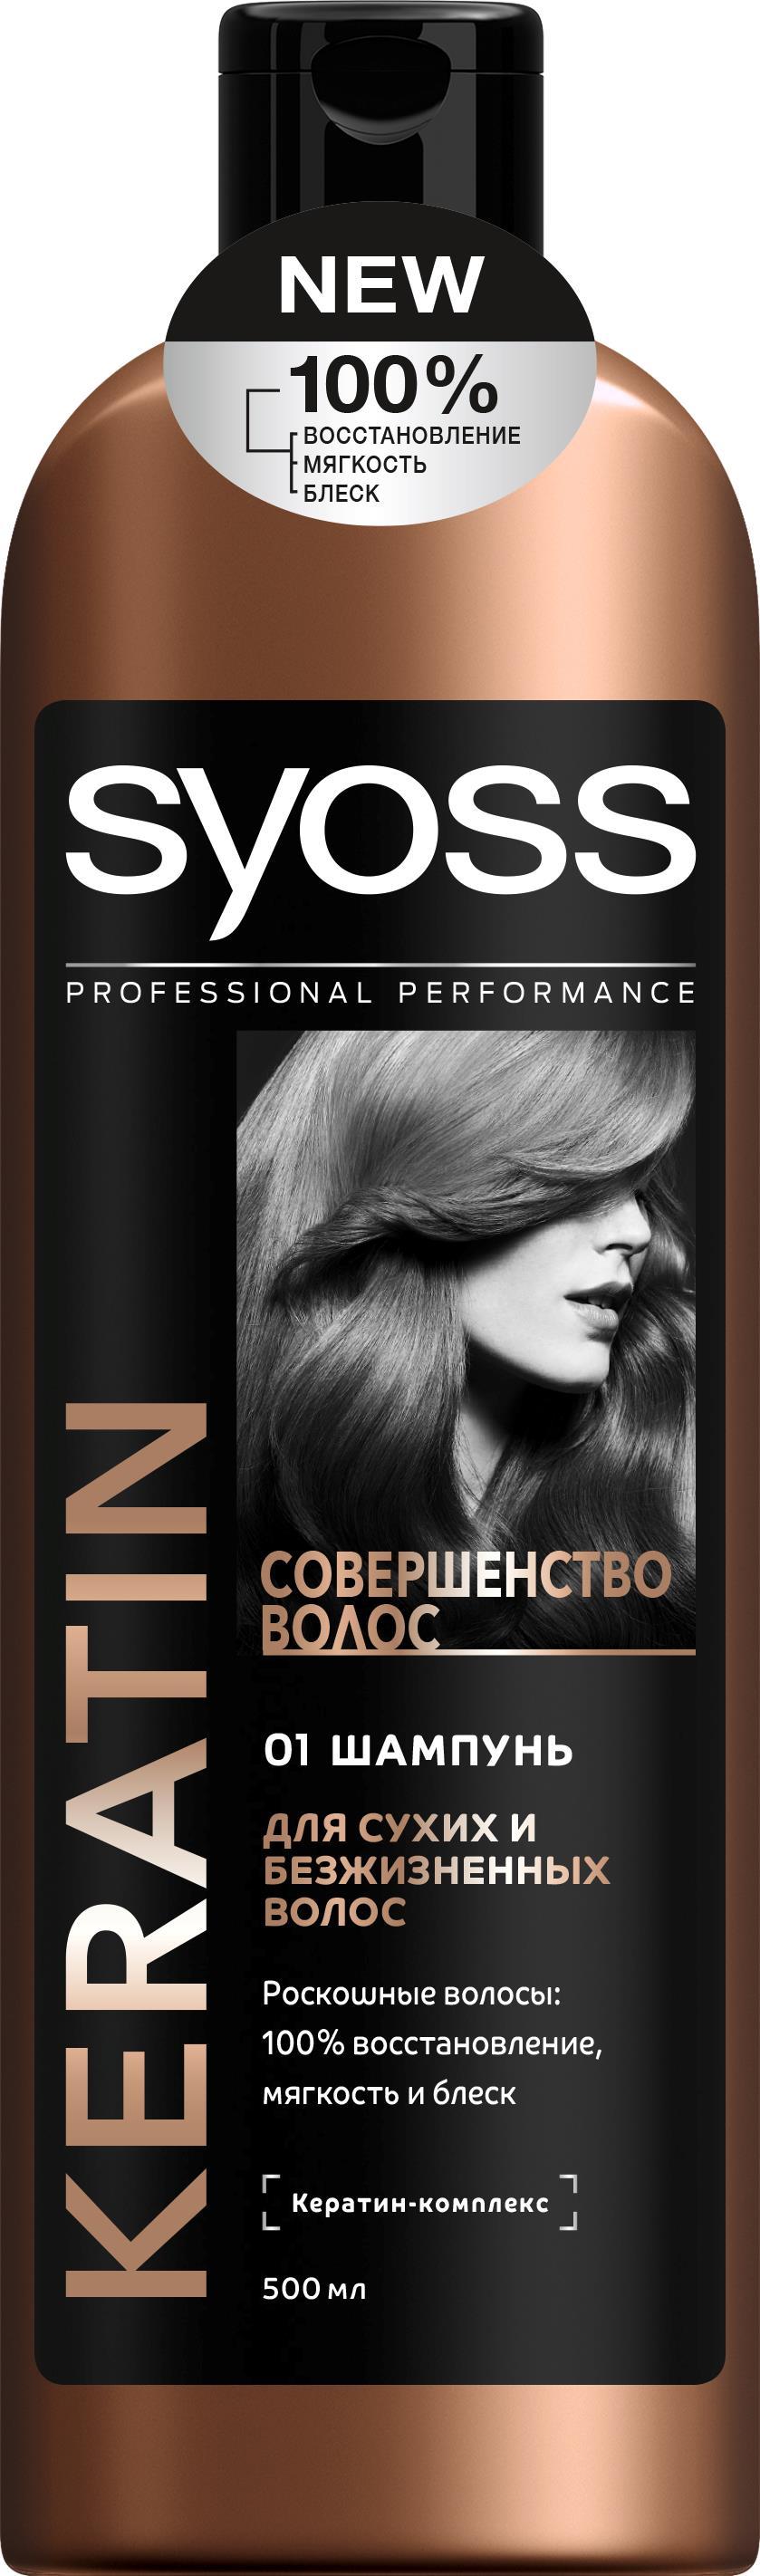 Syoss Шампунь Keratin Hair Perfection, для сухих и безжизненных волос, 500 мл903419202Волосы на 90% состоят из кератина, который формирует волокно волоса, придавая ему невероятную силу. Под воздействием внешних факторов волосы ежедневно теряют кератин, важнейший компонент для волос. Разработанный и протестированный совместно со